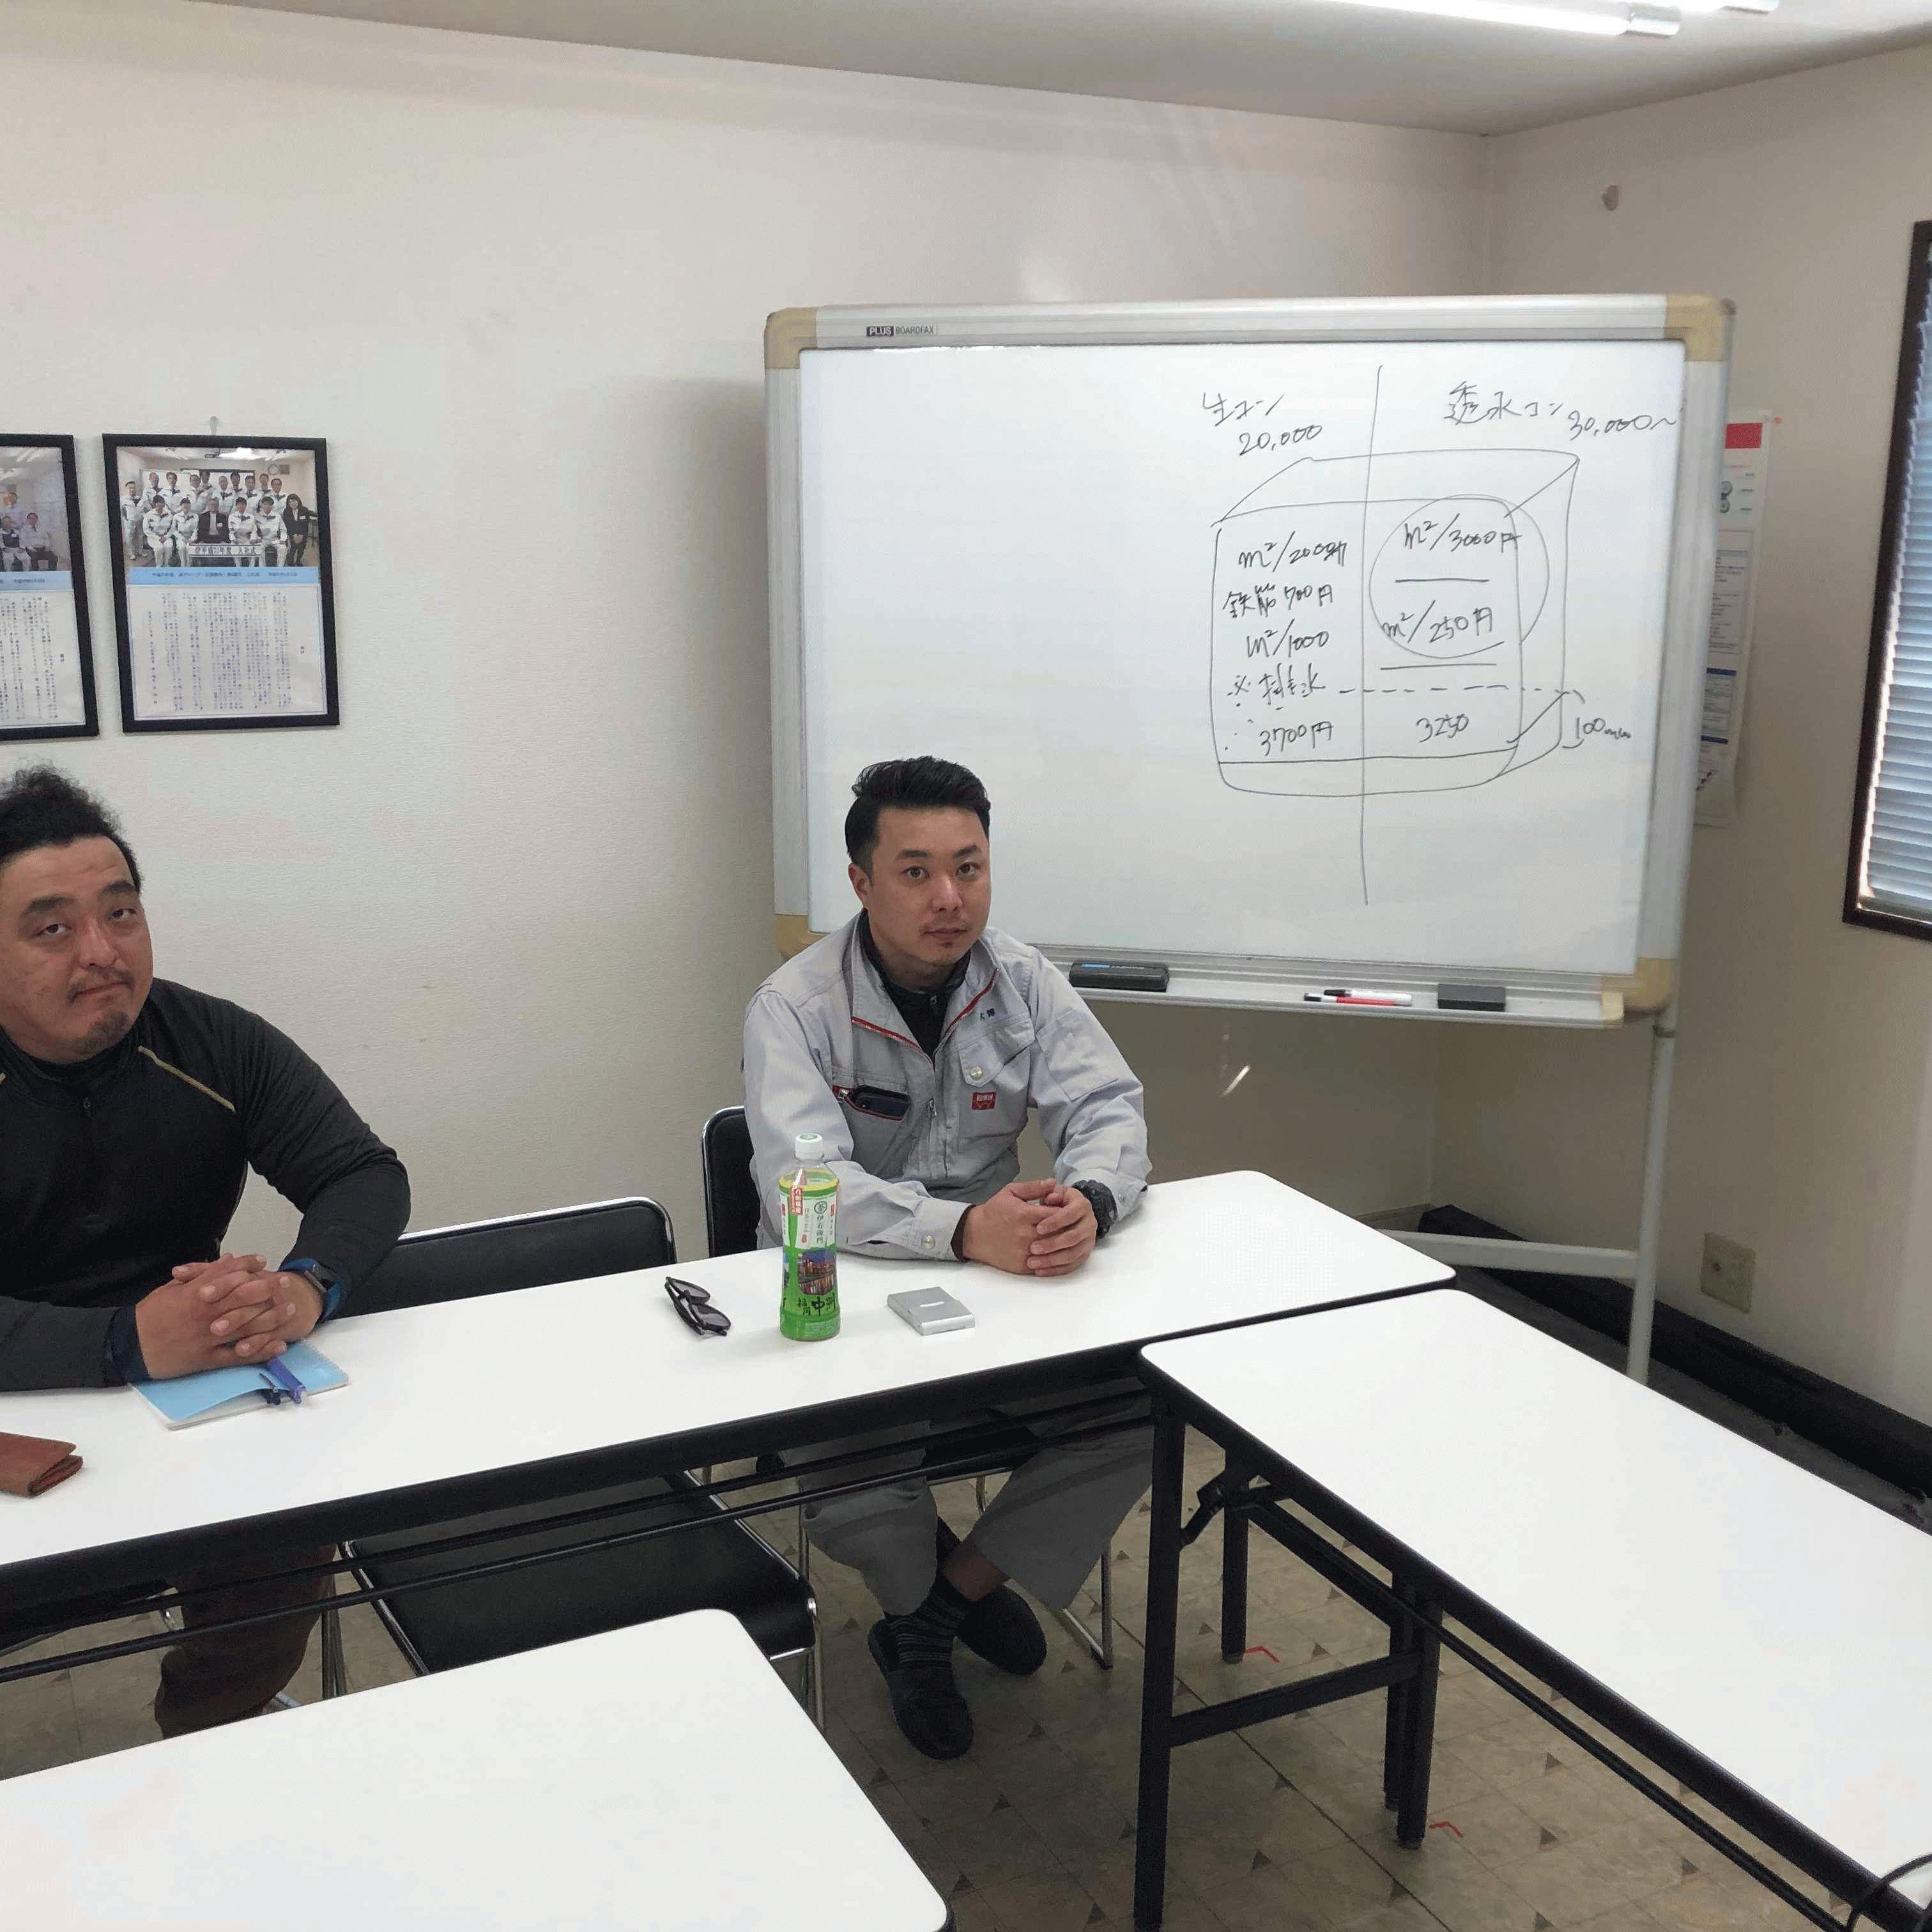 【福岡】「来て良かったです!」全国でプロ施工者・上級DIYer向けセミナー開催中